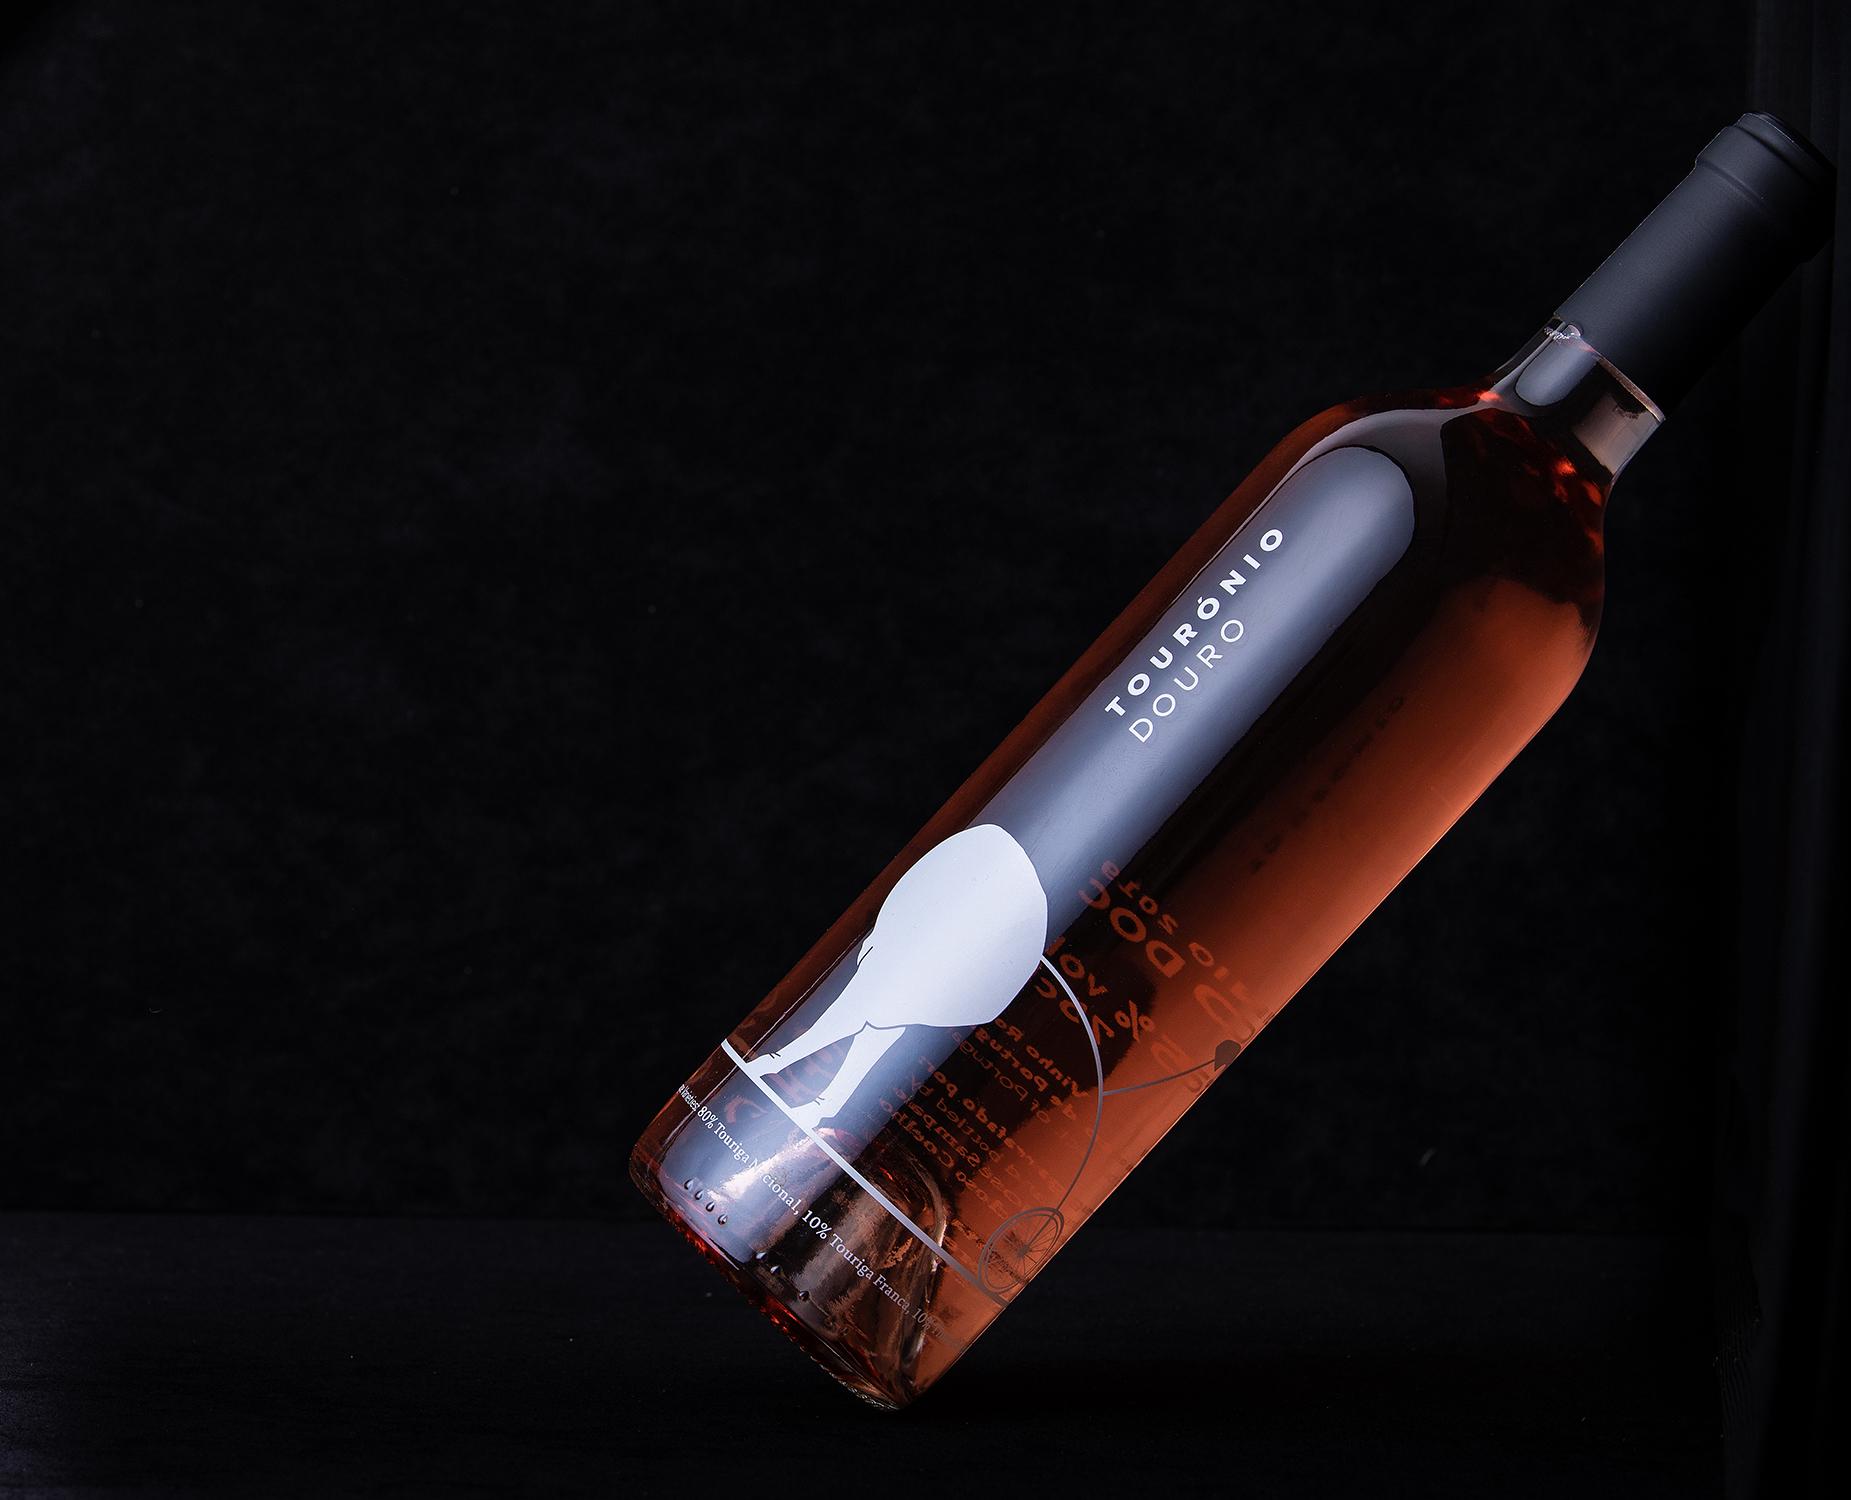 quinta de tourais, Douro fotografia, quintas, garrafas, fotografia de garrafas no douro, paisagem, fotografia de produto, doc douro, vinhos doc, vinho branco, vinho tinto, tourónio douro, lili pop 40